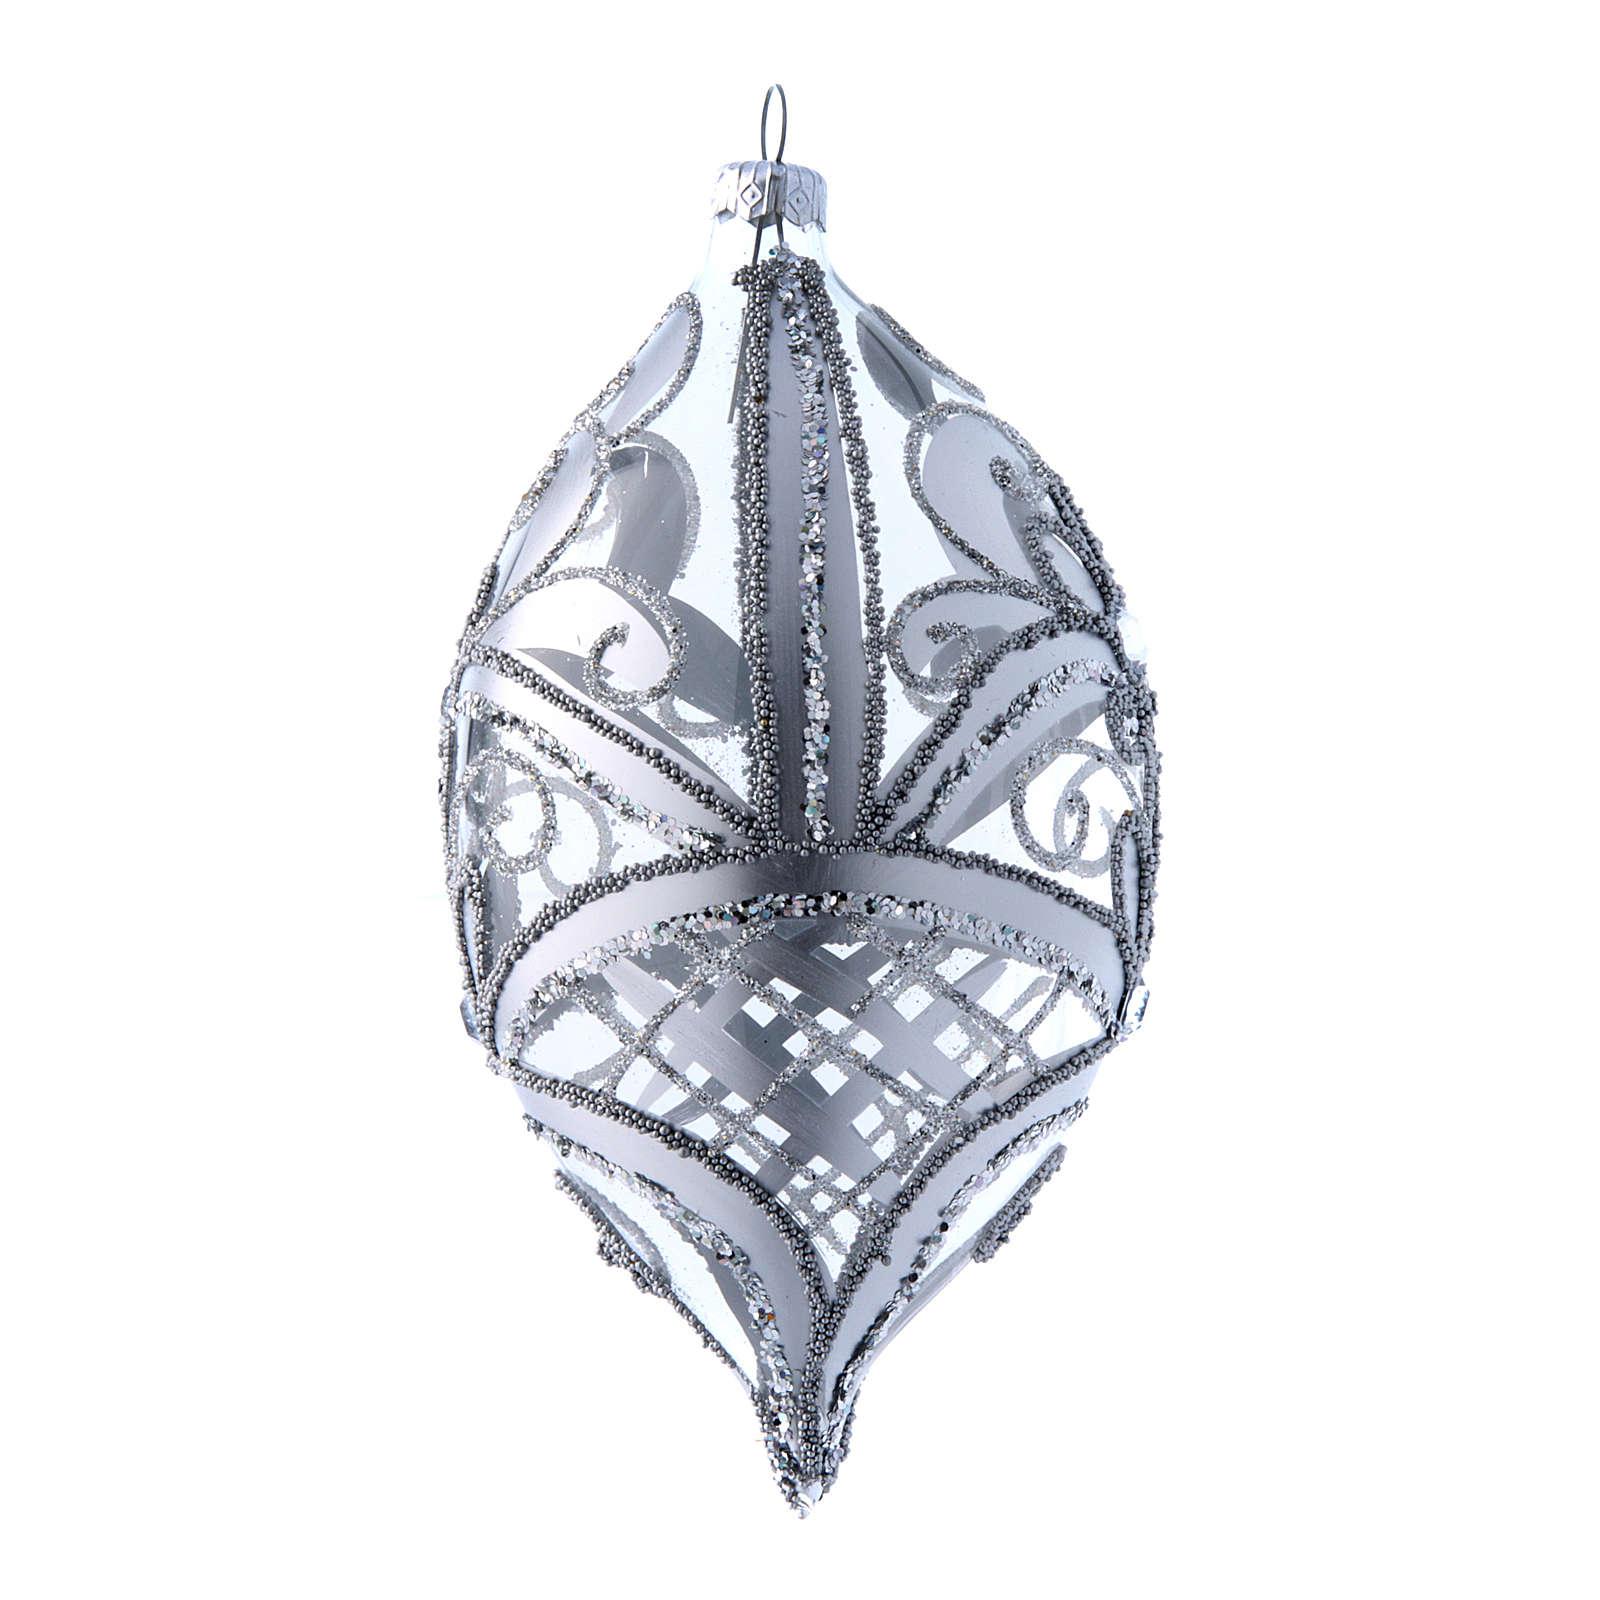 Palla a goccia trasparente decoro argento 100 mm 4